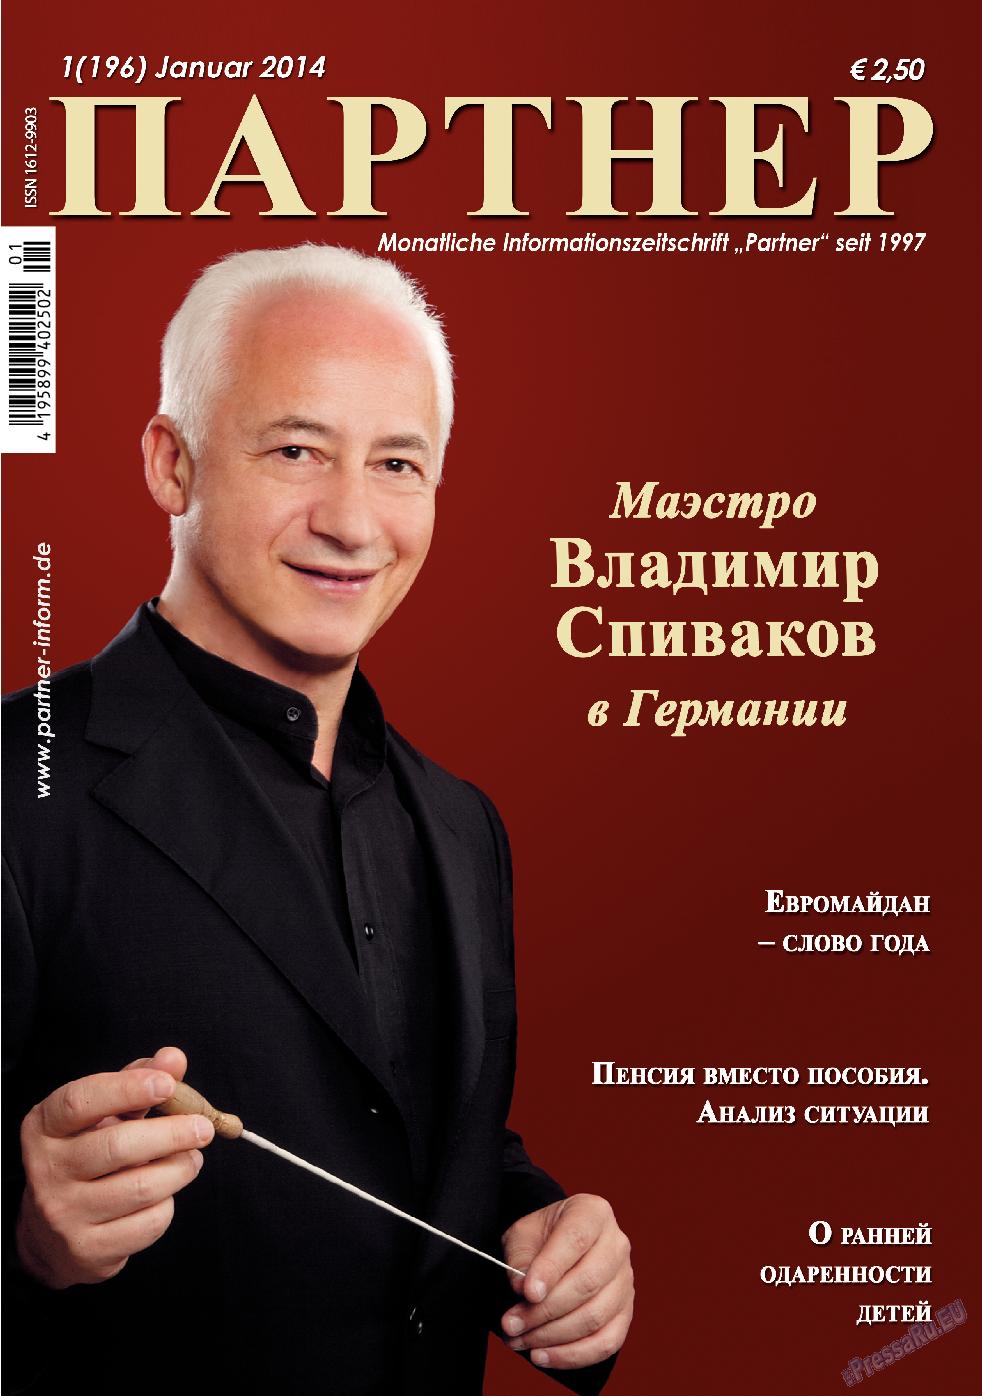 Партнер (журнал). 2014 год, номер 1, стр. 1